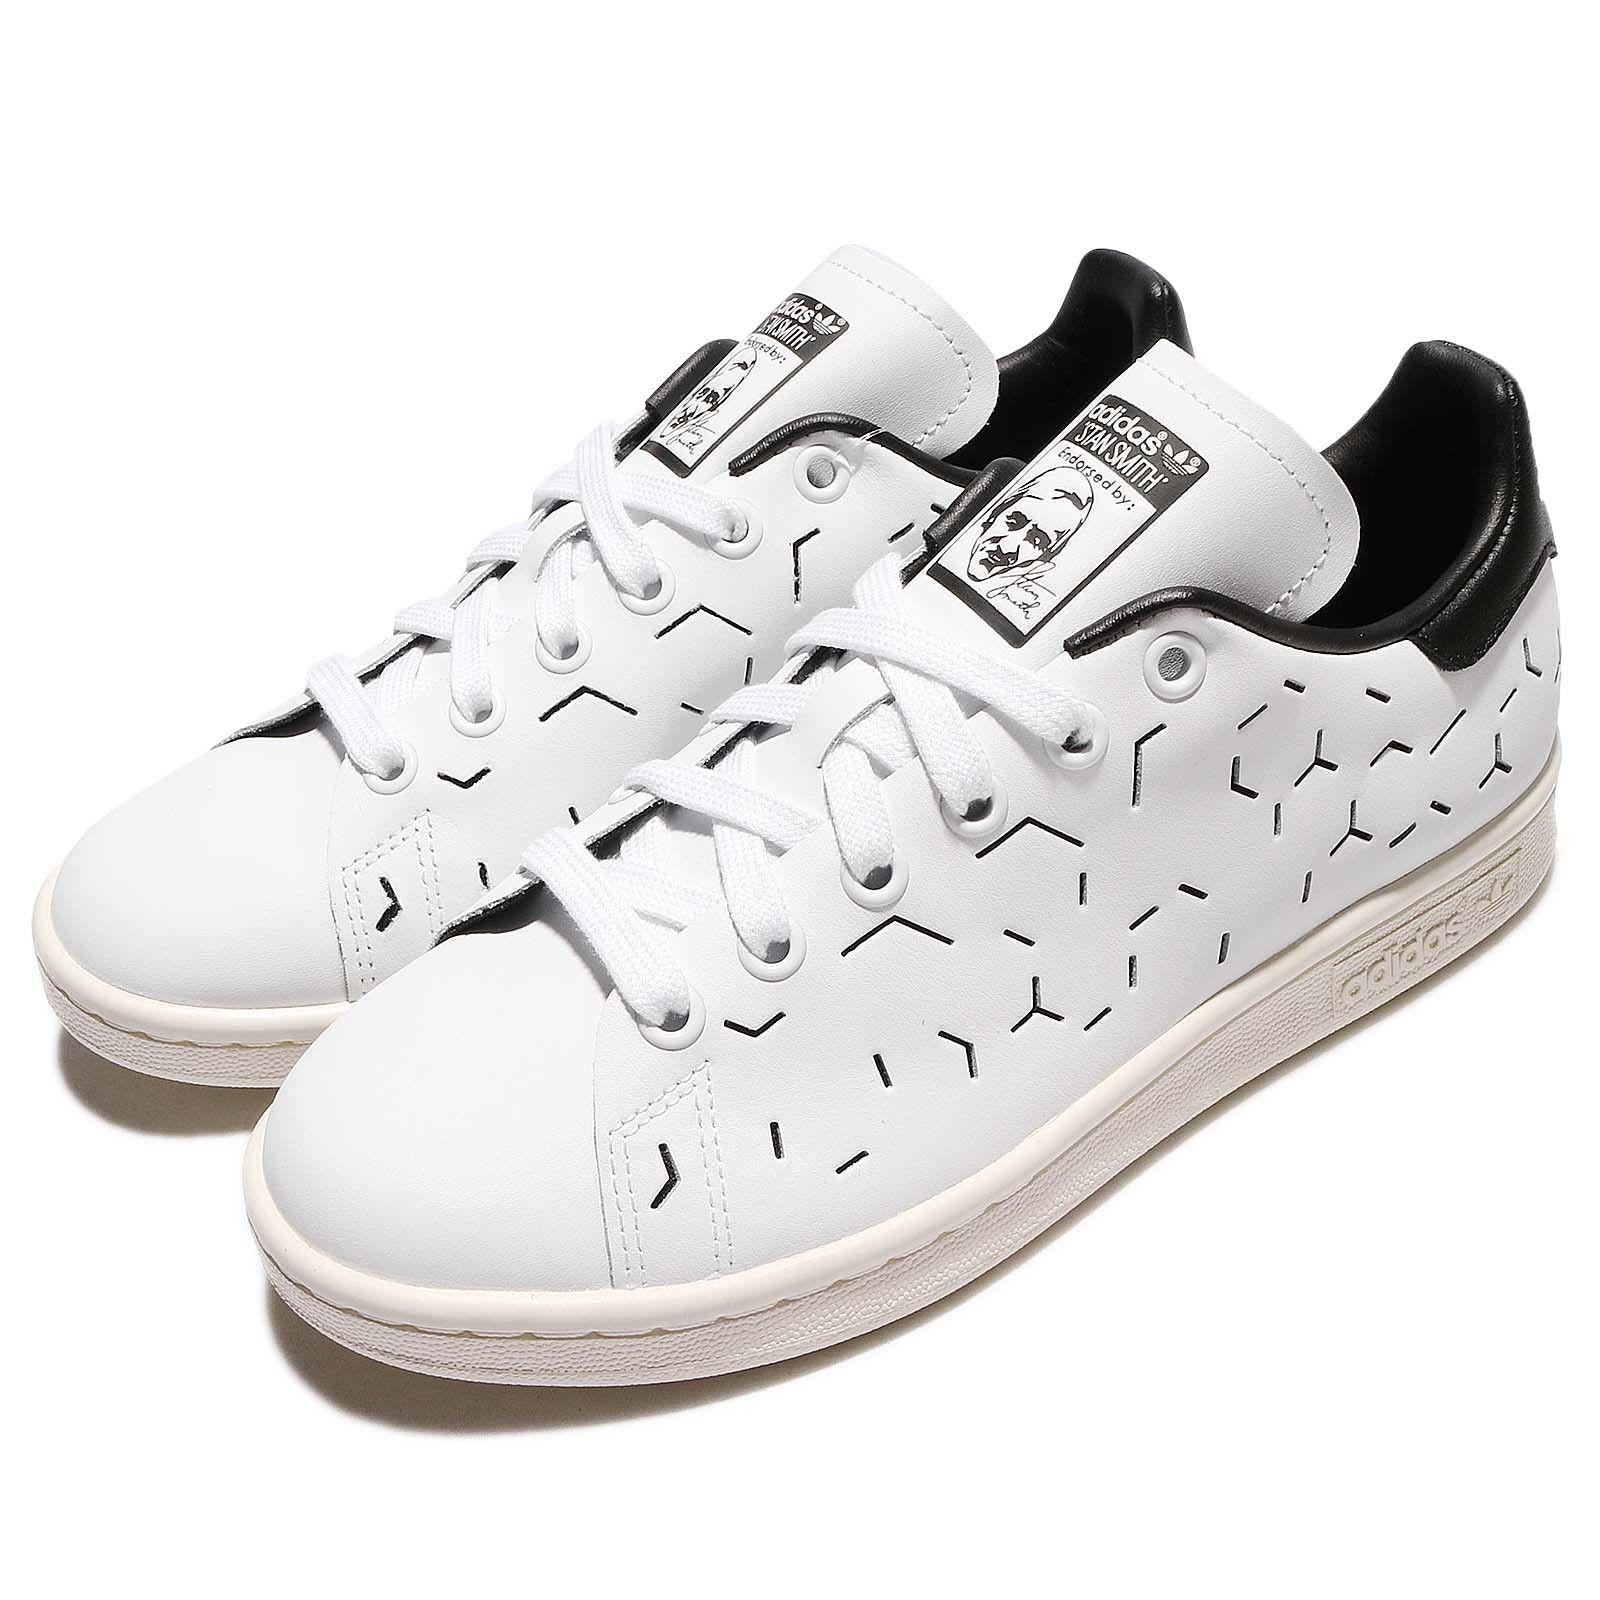 Adidas Originals Women's Stan Smith shoes Size 6.5  us BZ0393 LAST PAIR